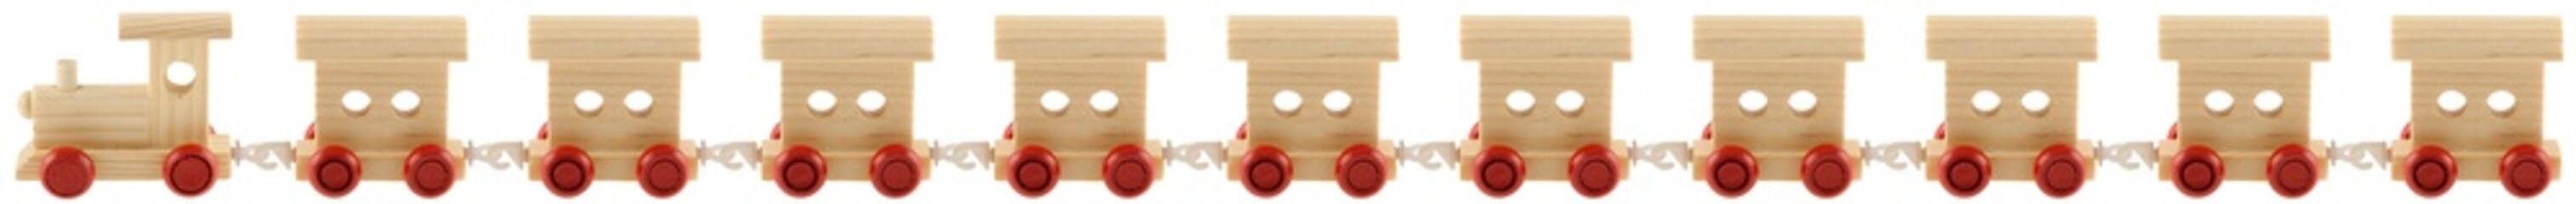 petit train en bois, locomotive et 10 wagons, fond blanc